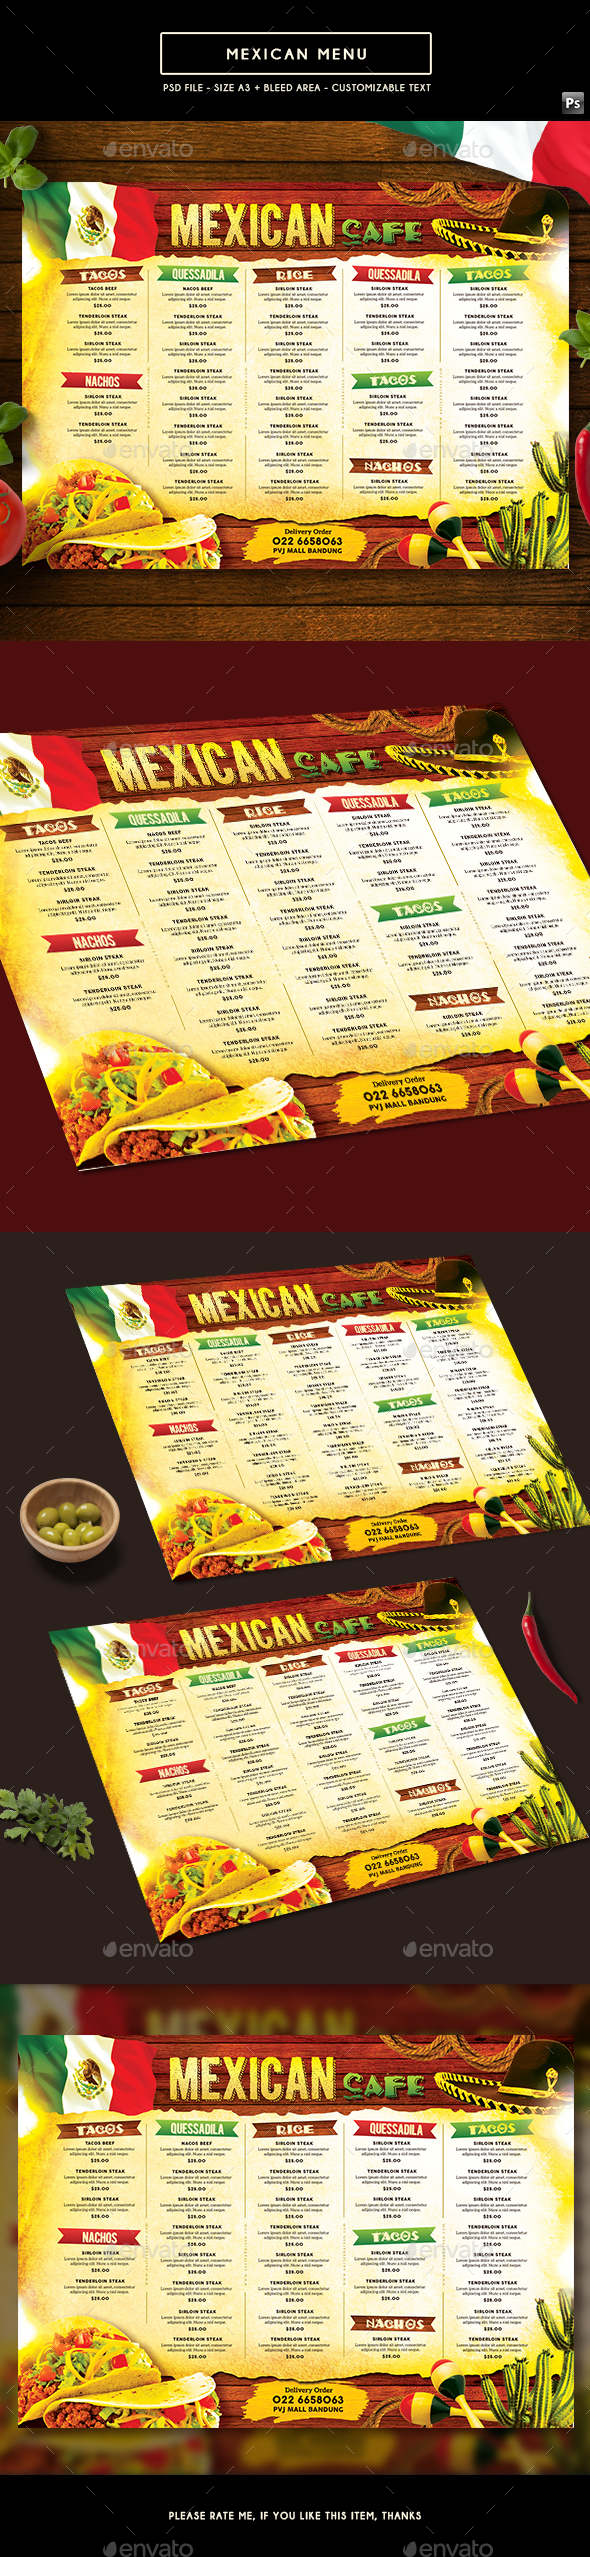 Mexican Menu